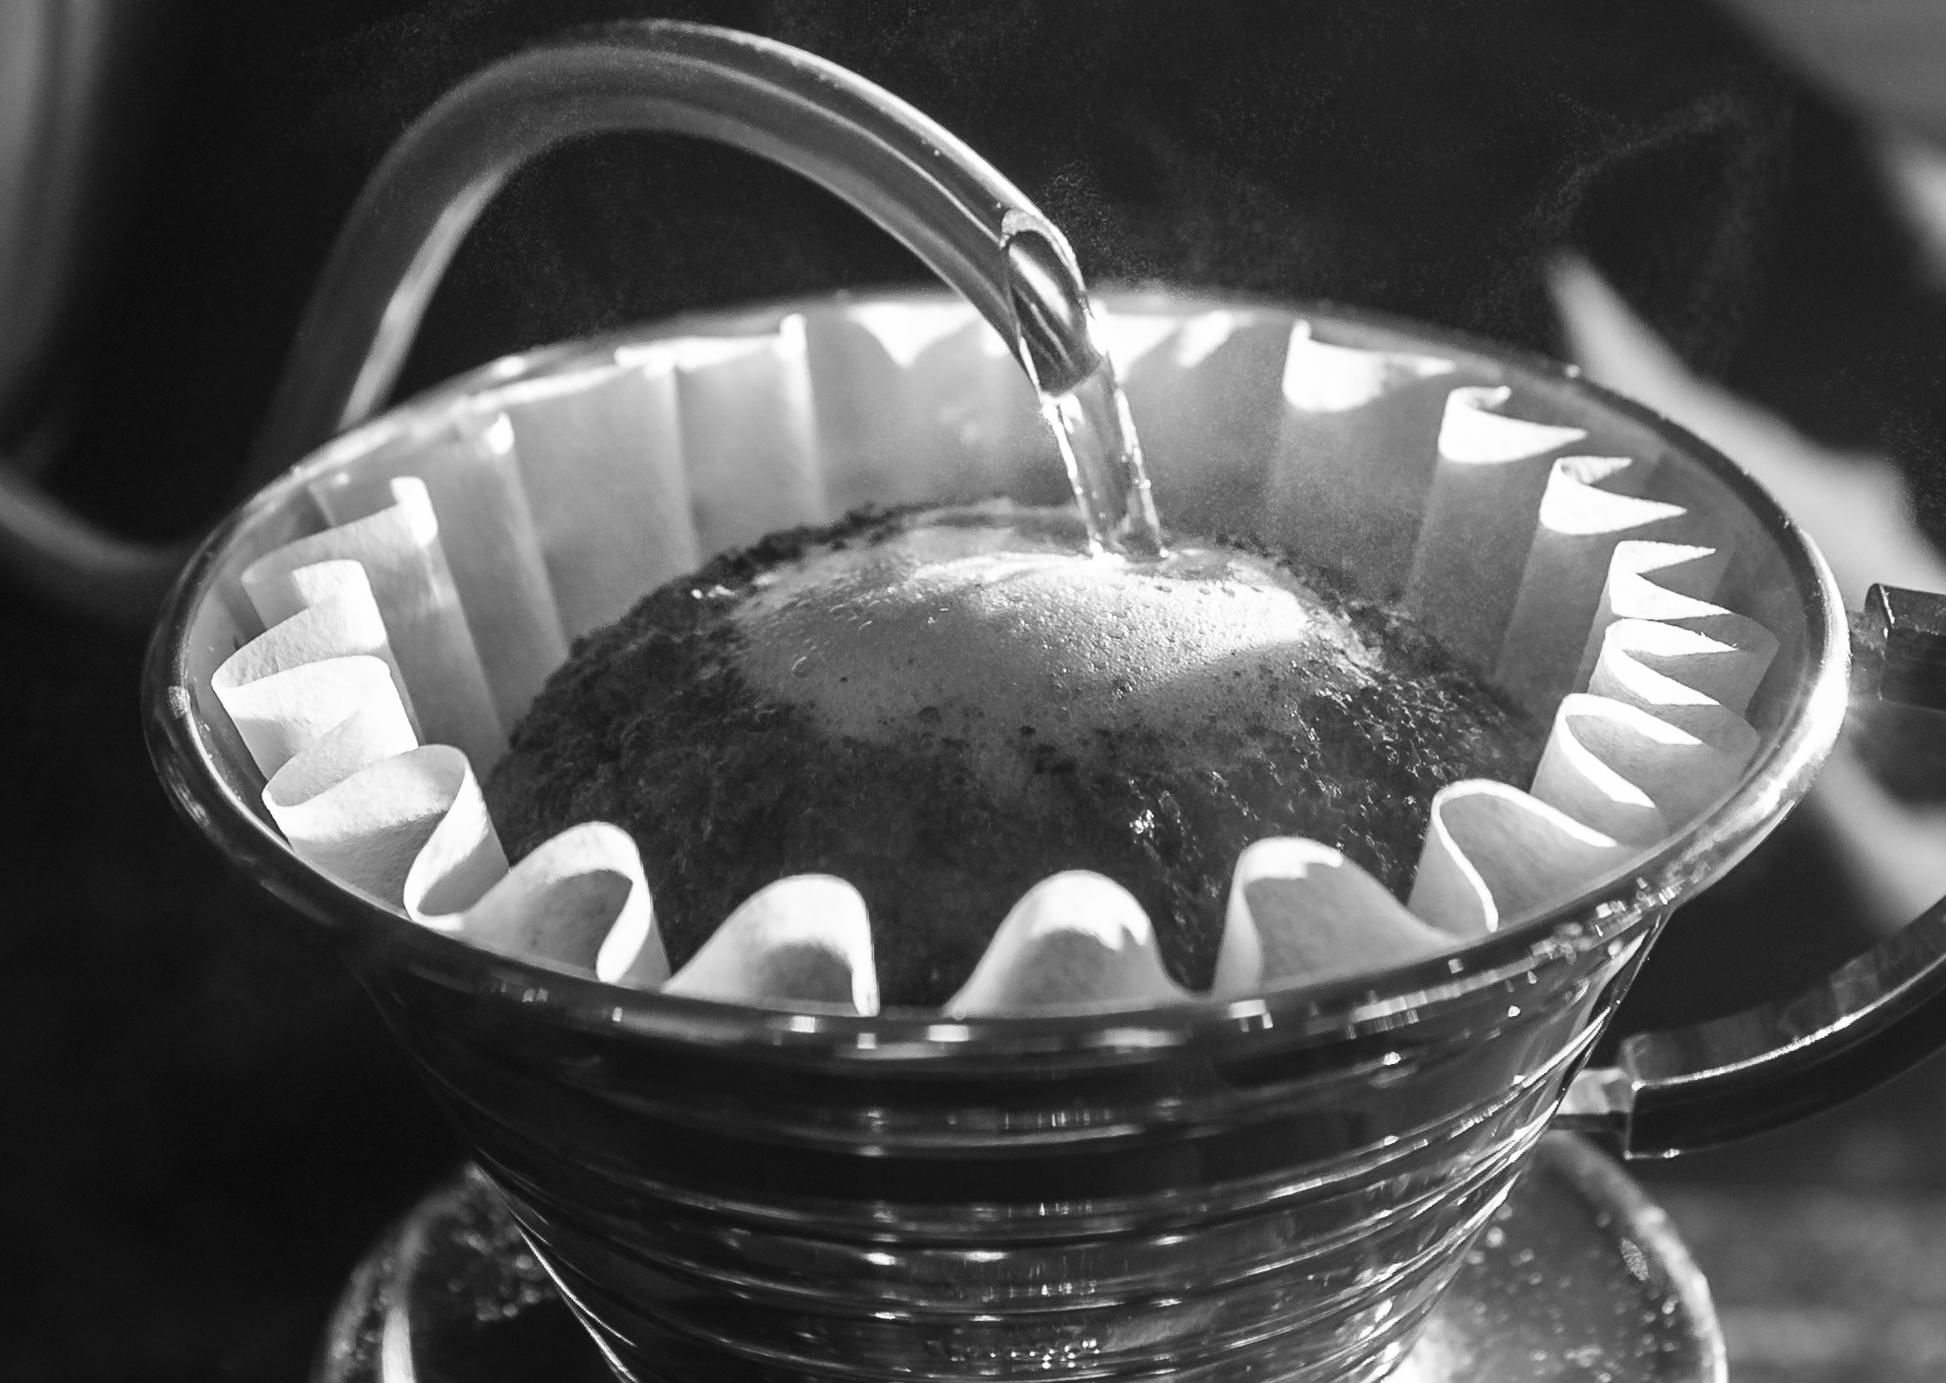 전주연씨는 아침 첫 커피를 '하루의 삶을 준비한다'는 의미라고 했다.